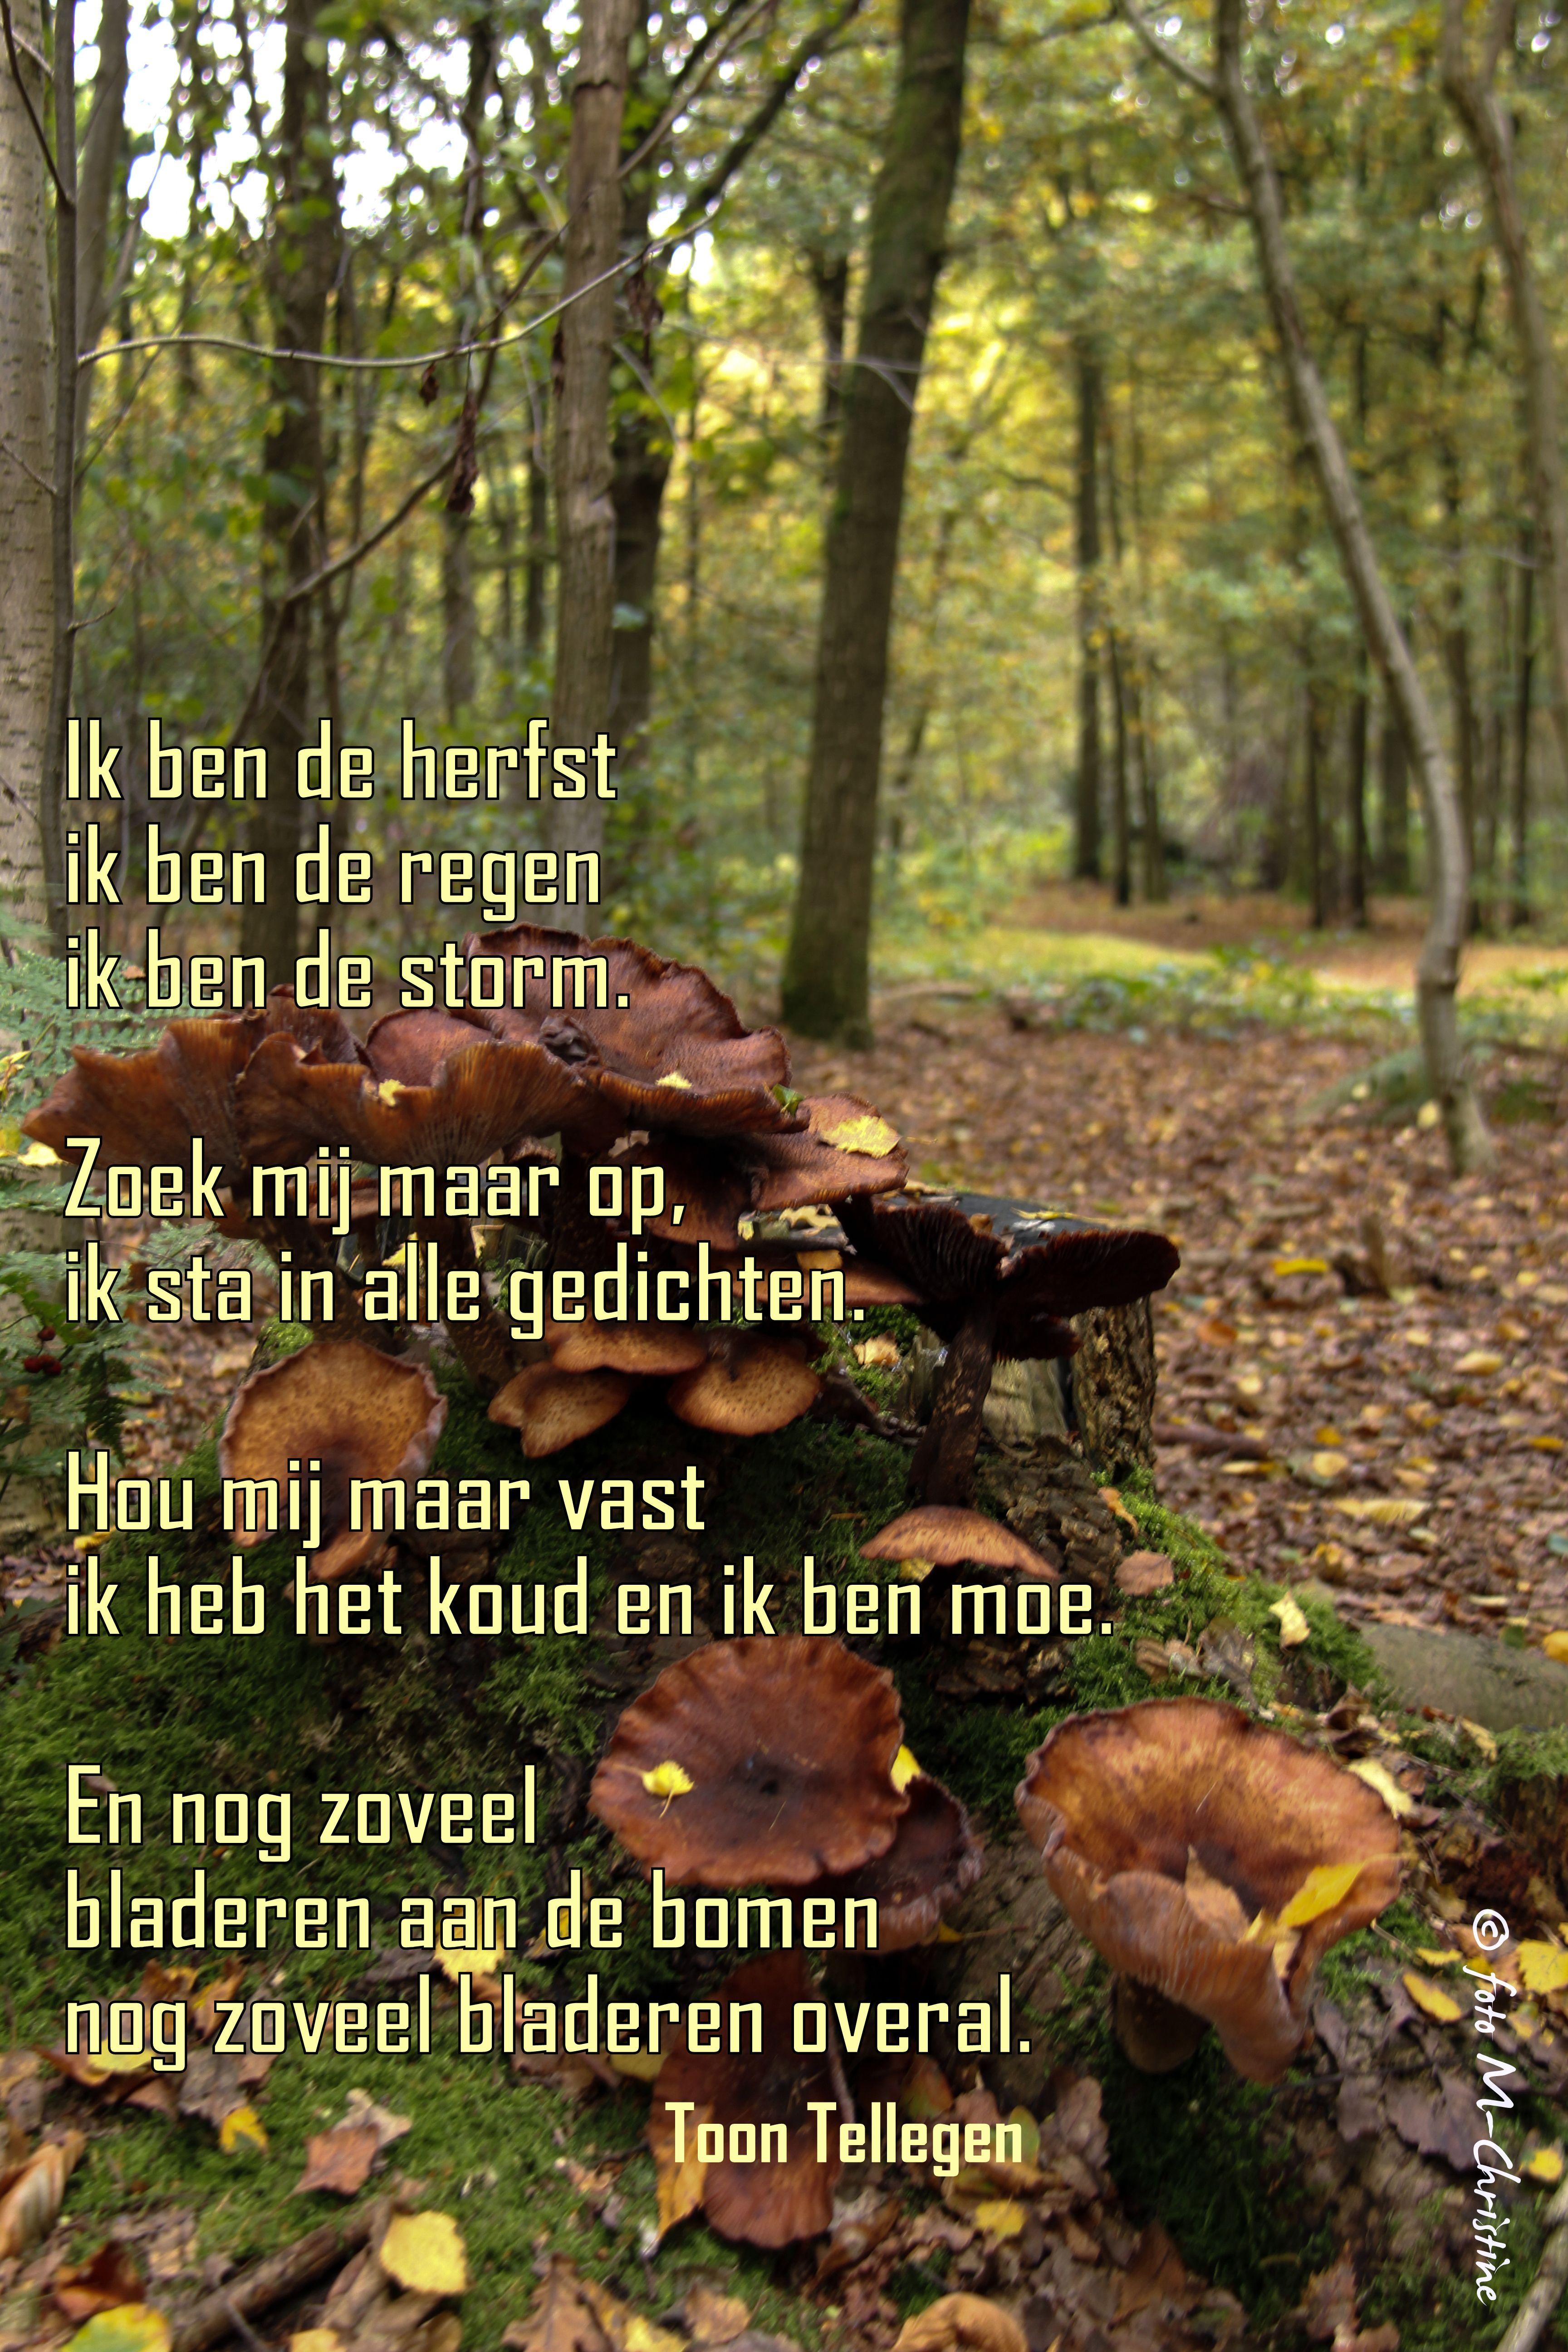 Citaten Herfst Engels : Ik ben de herfst gedichten gezegden en citaten